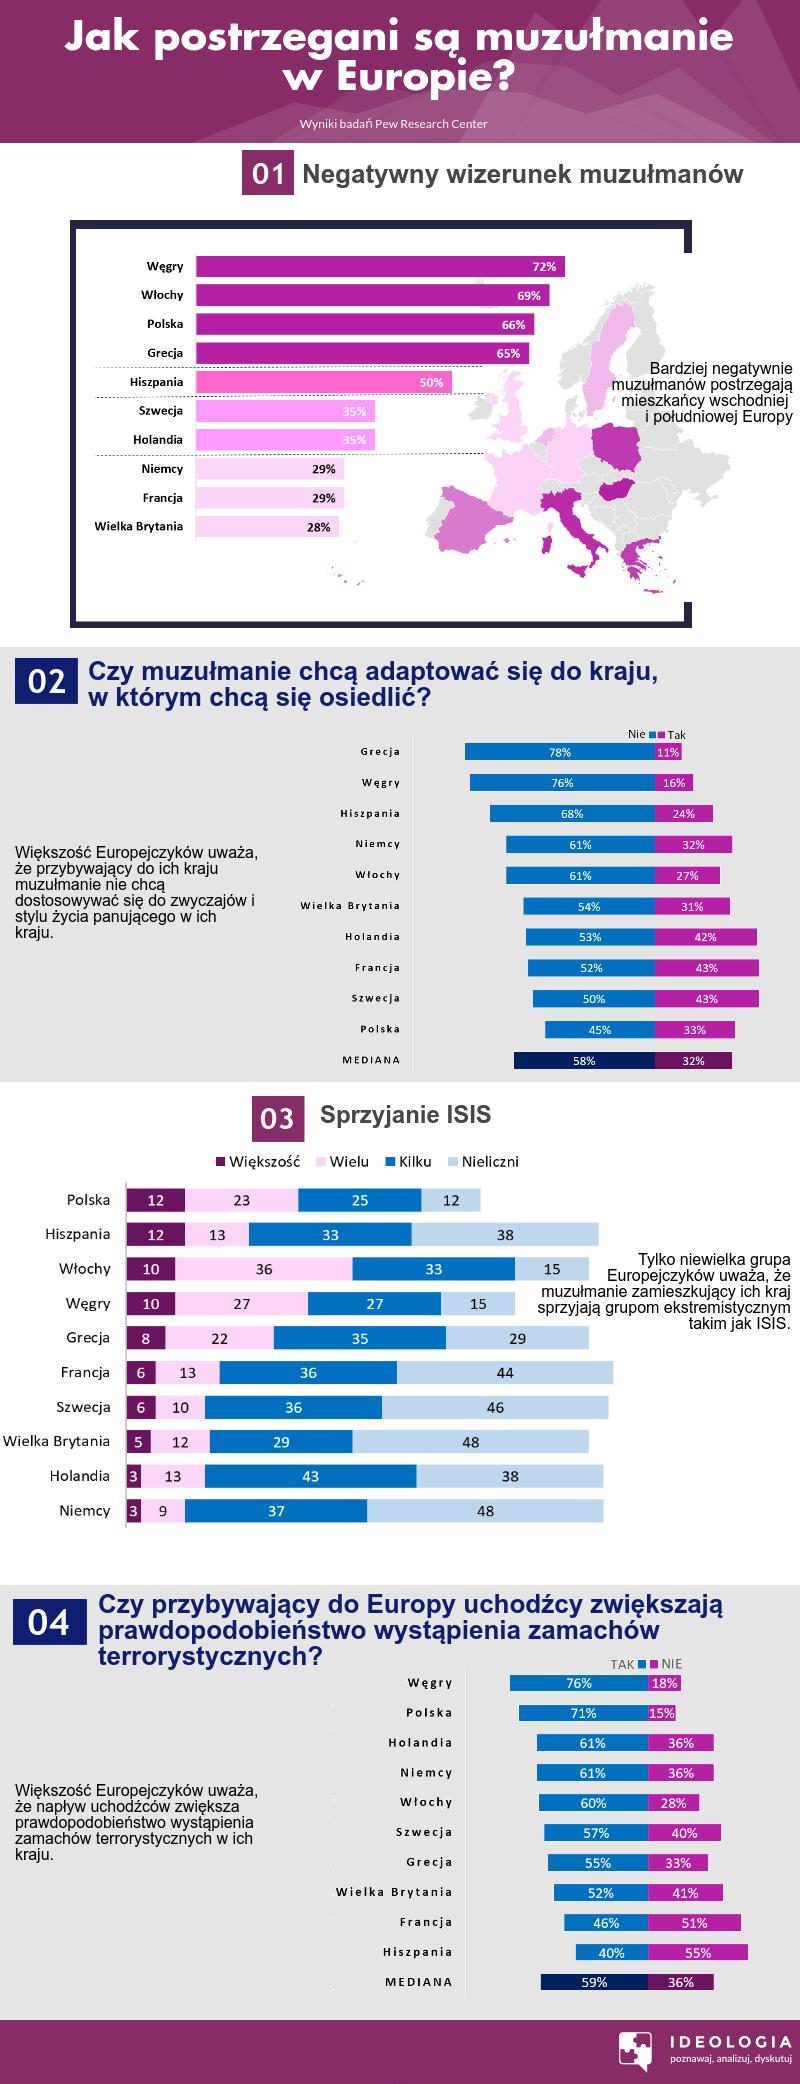 Postrzeganie muzułmanów w Europie - infografika.